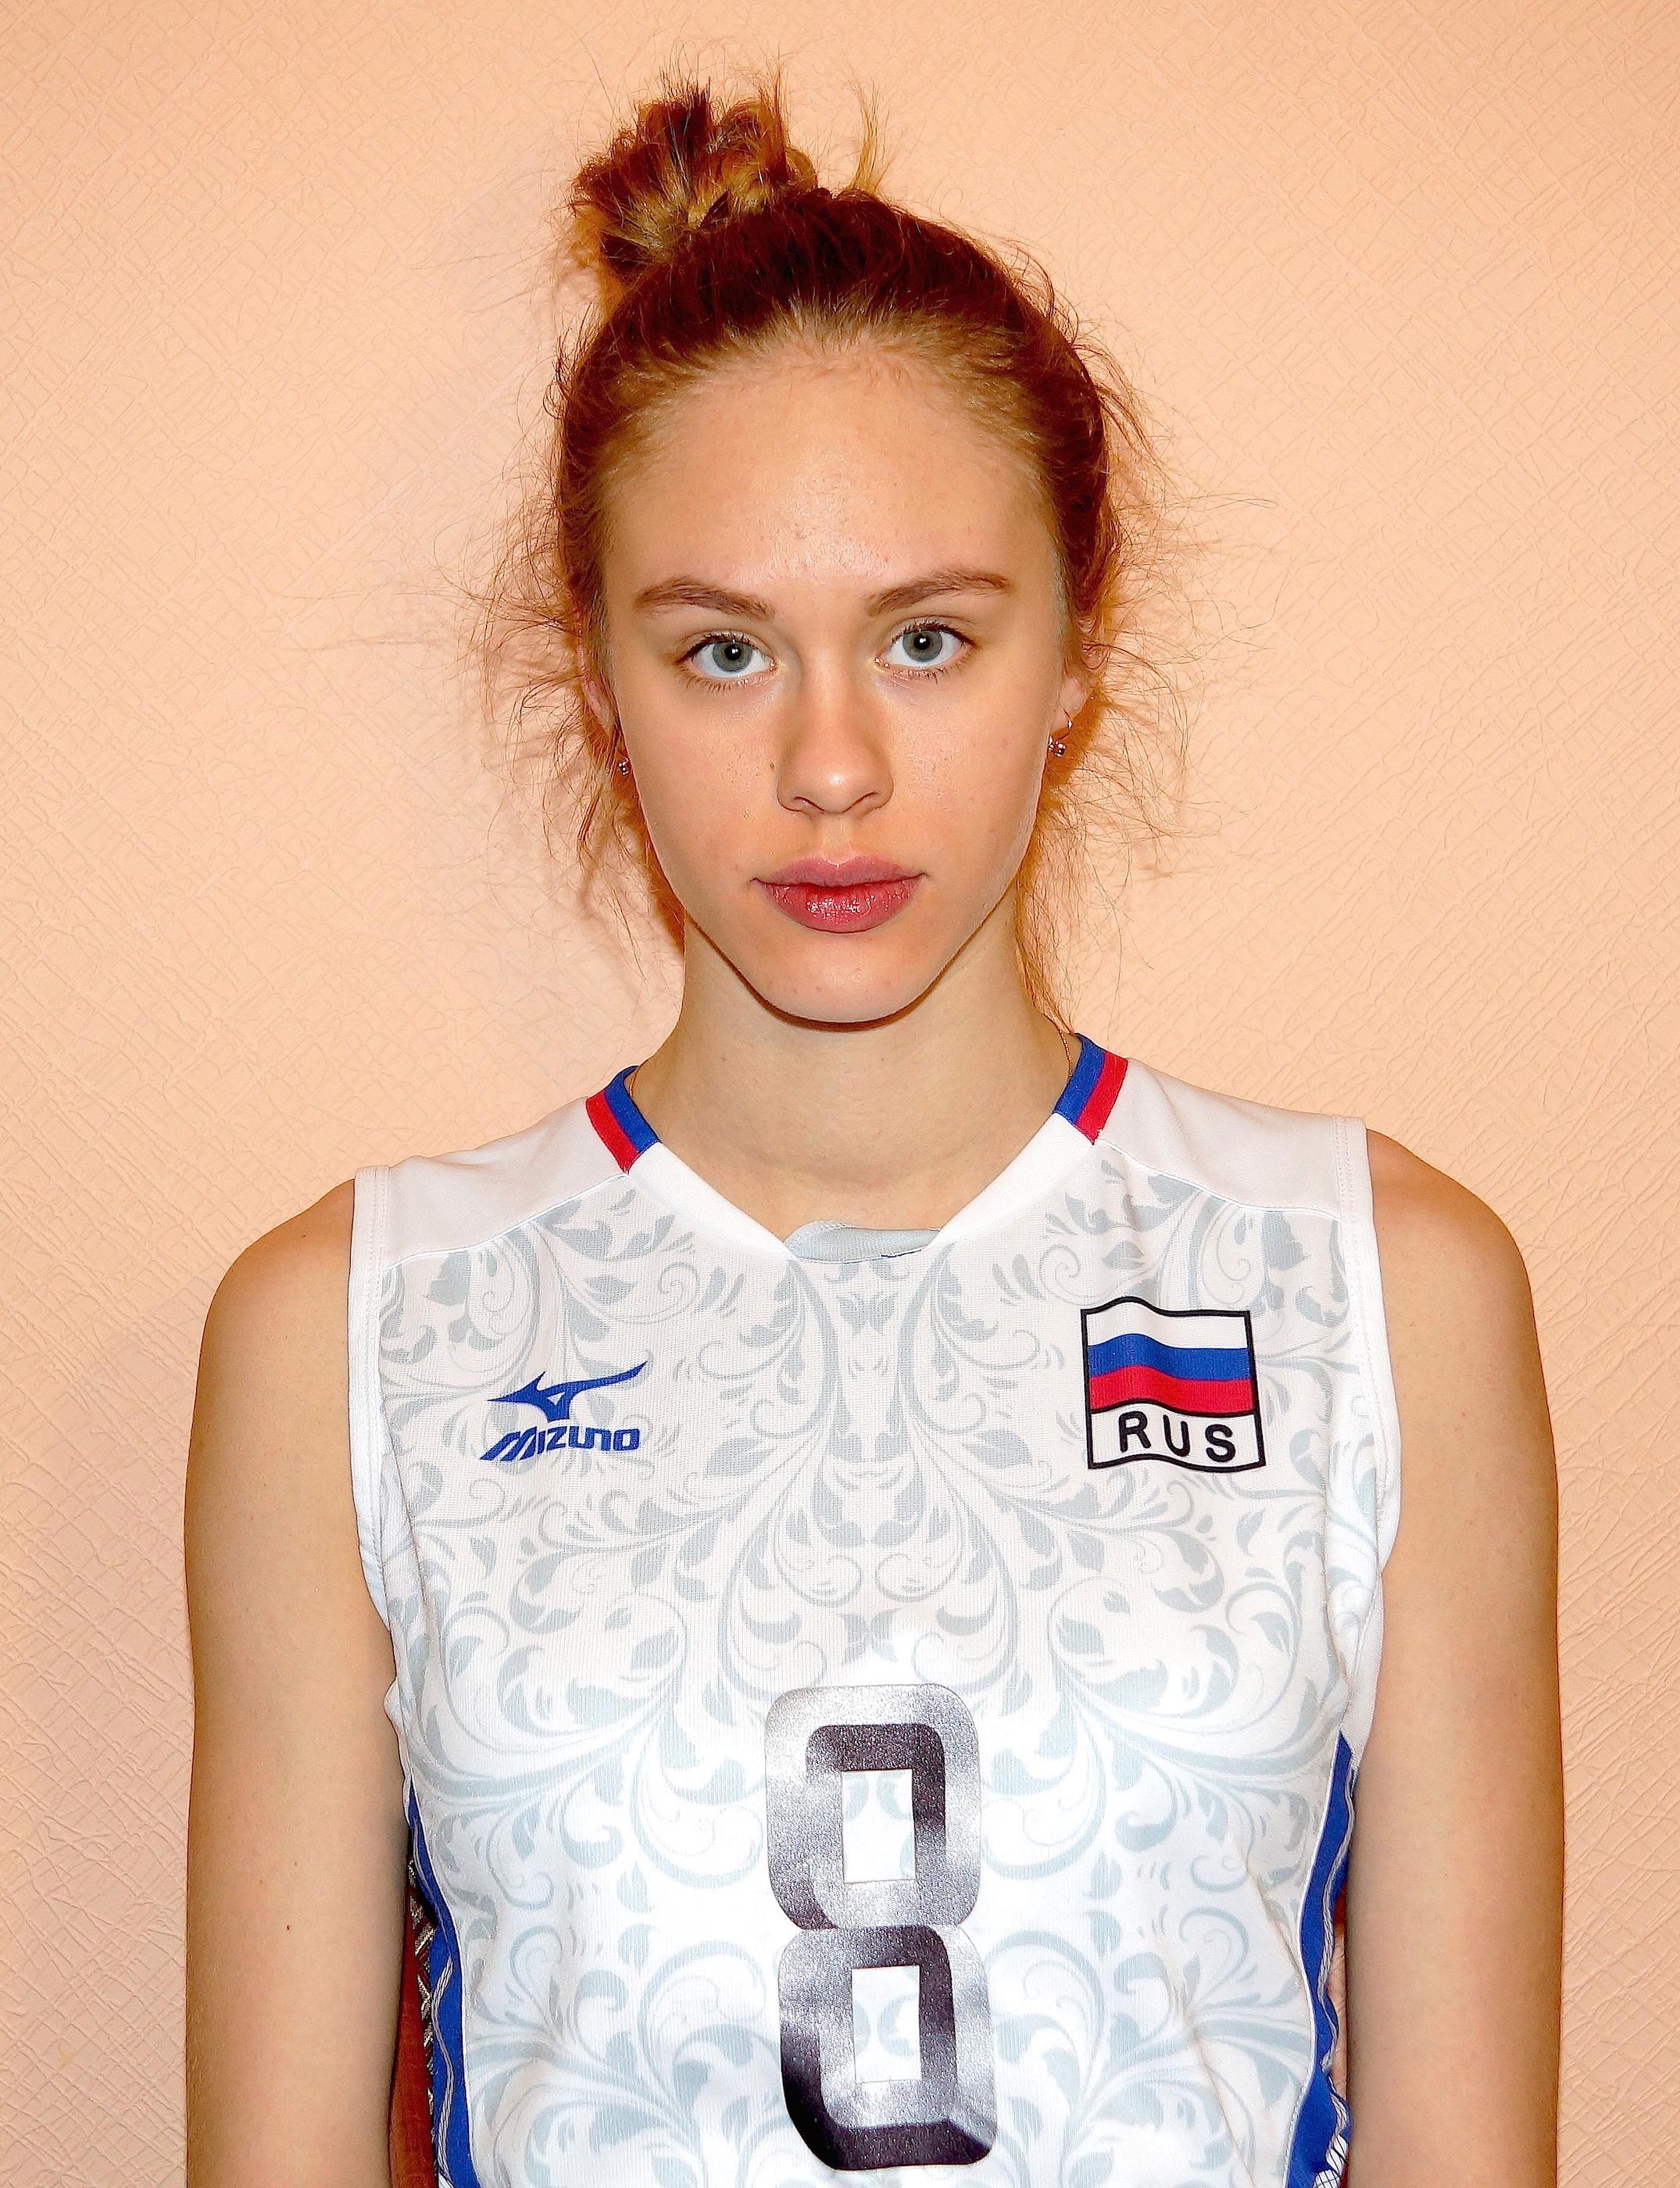 Oxana Yakushina